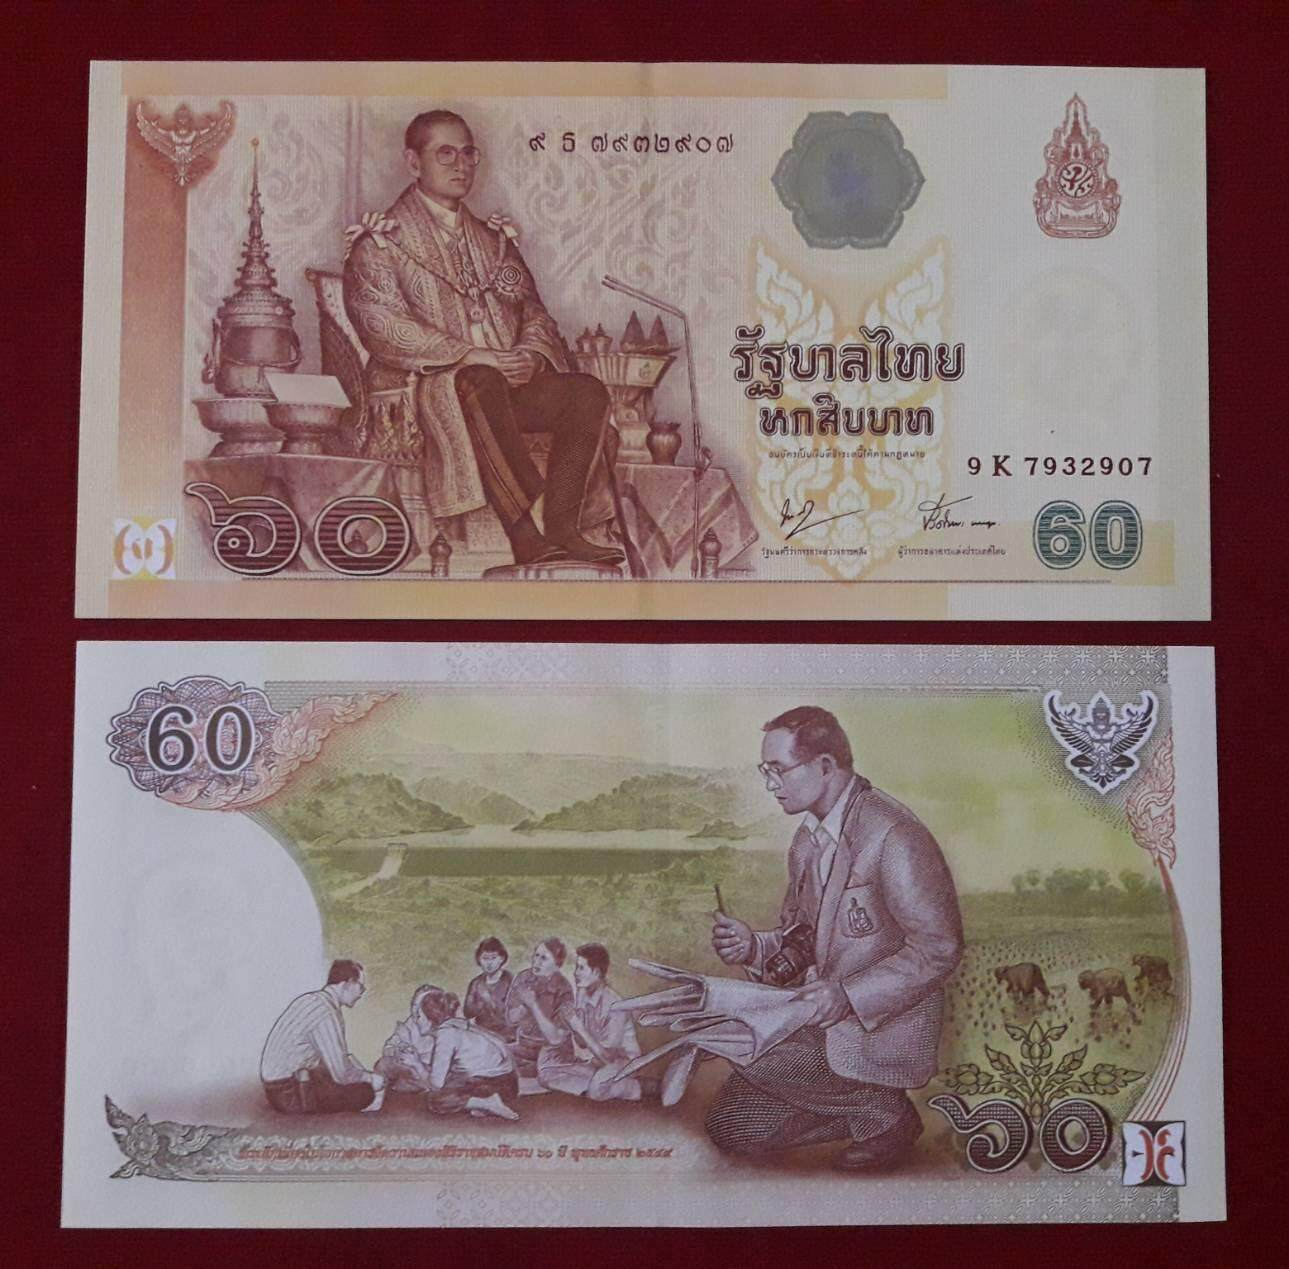 ธนบัตรที่ระลึก 60 บาท รัชกาลที่ 9 พร้อมปก (**ธนบัตรฉบับจริง** พร้อม ส่งฟรี !!)